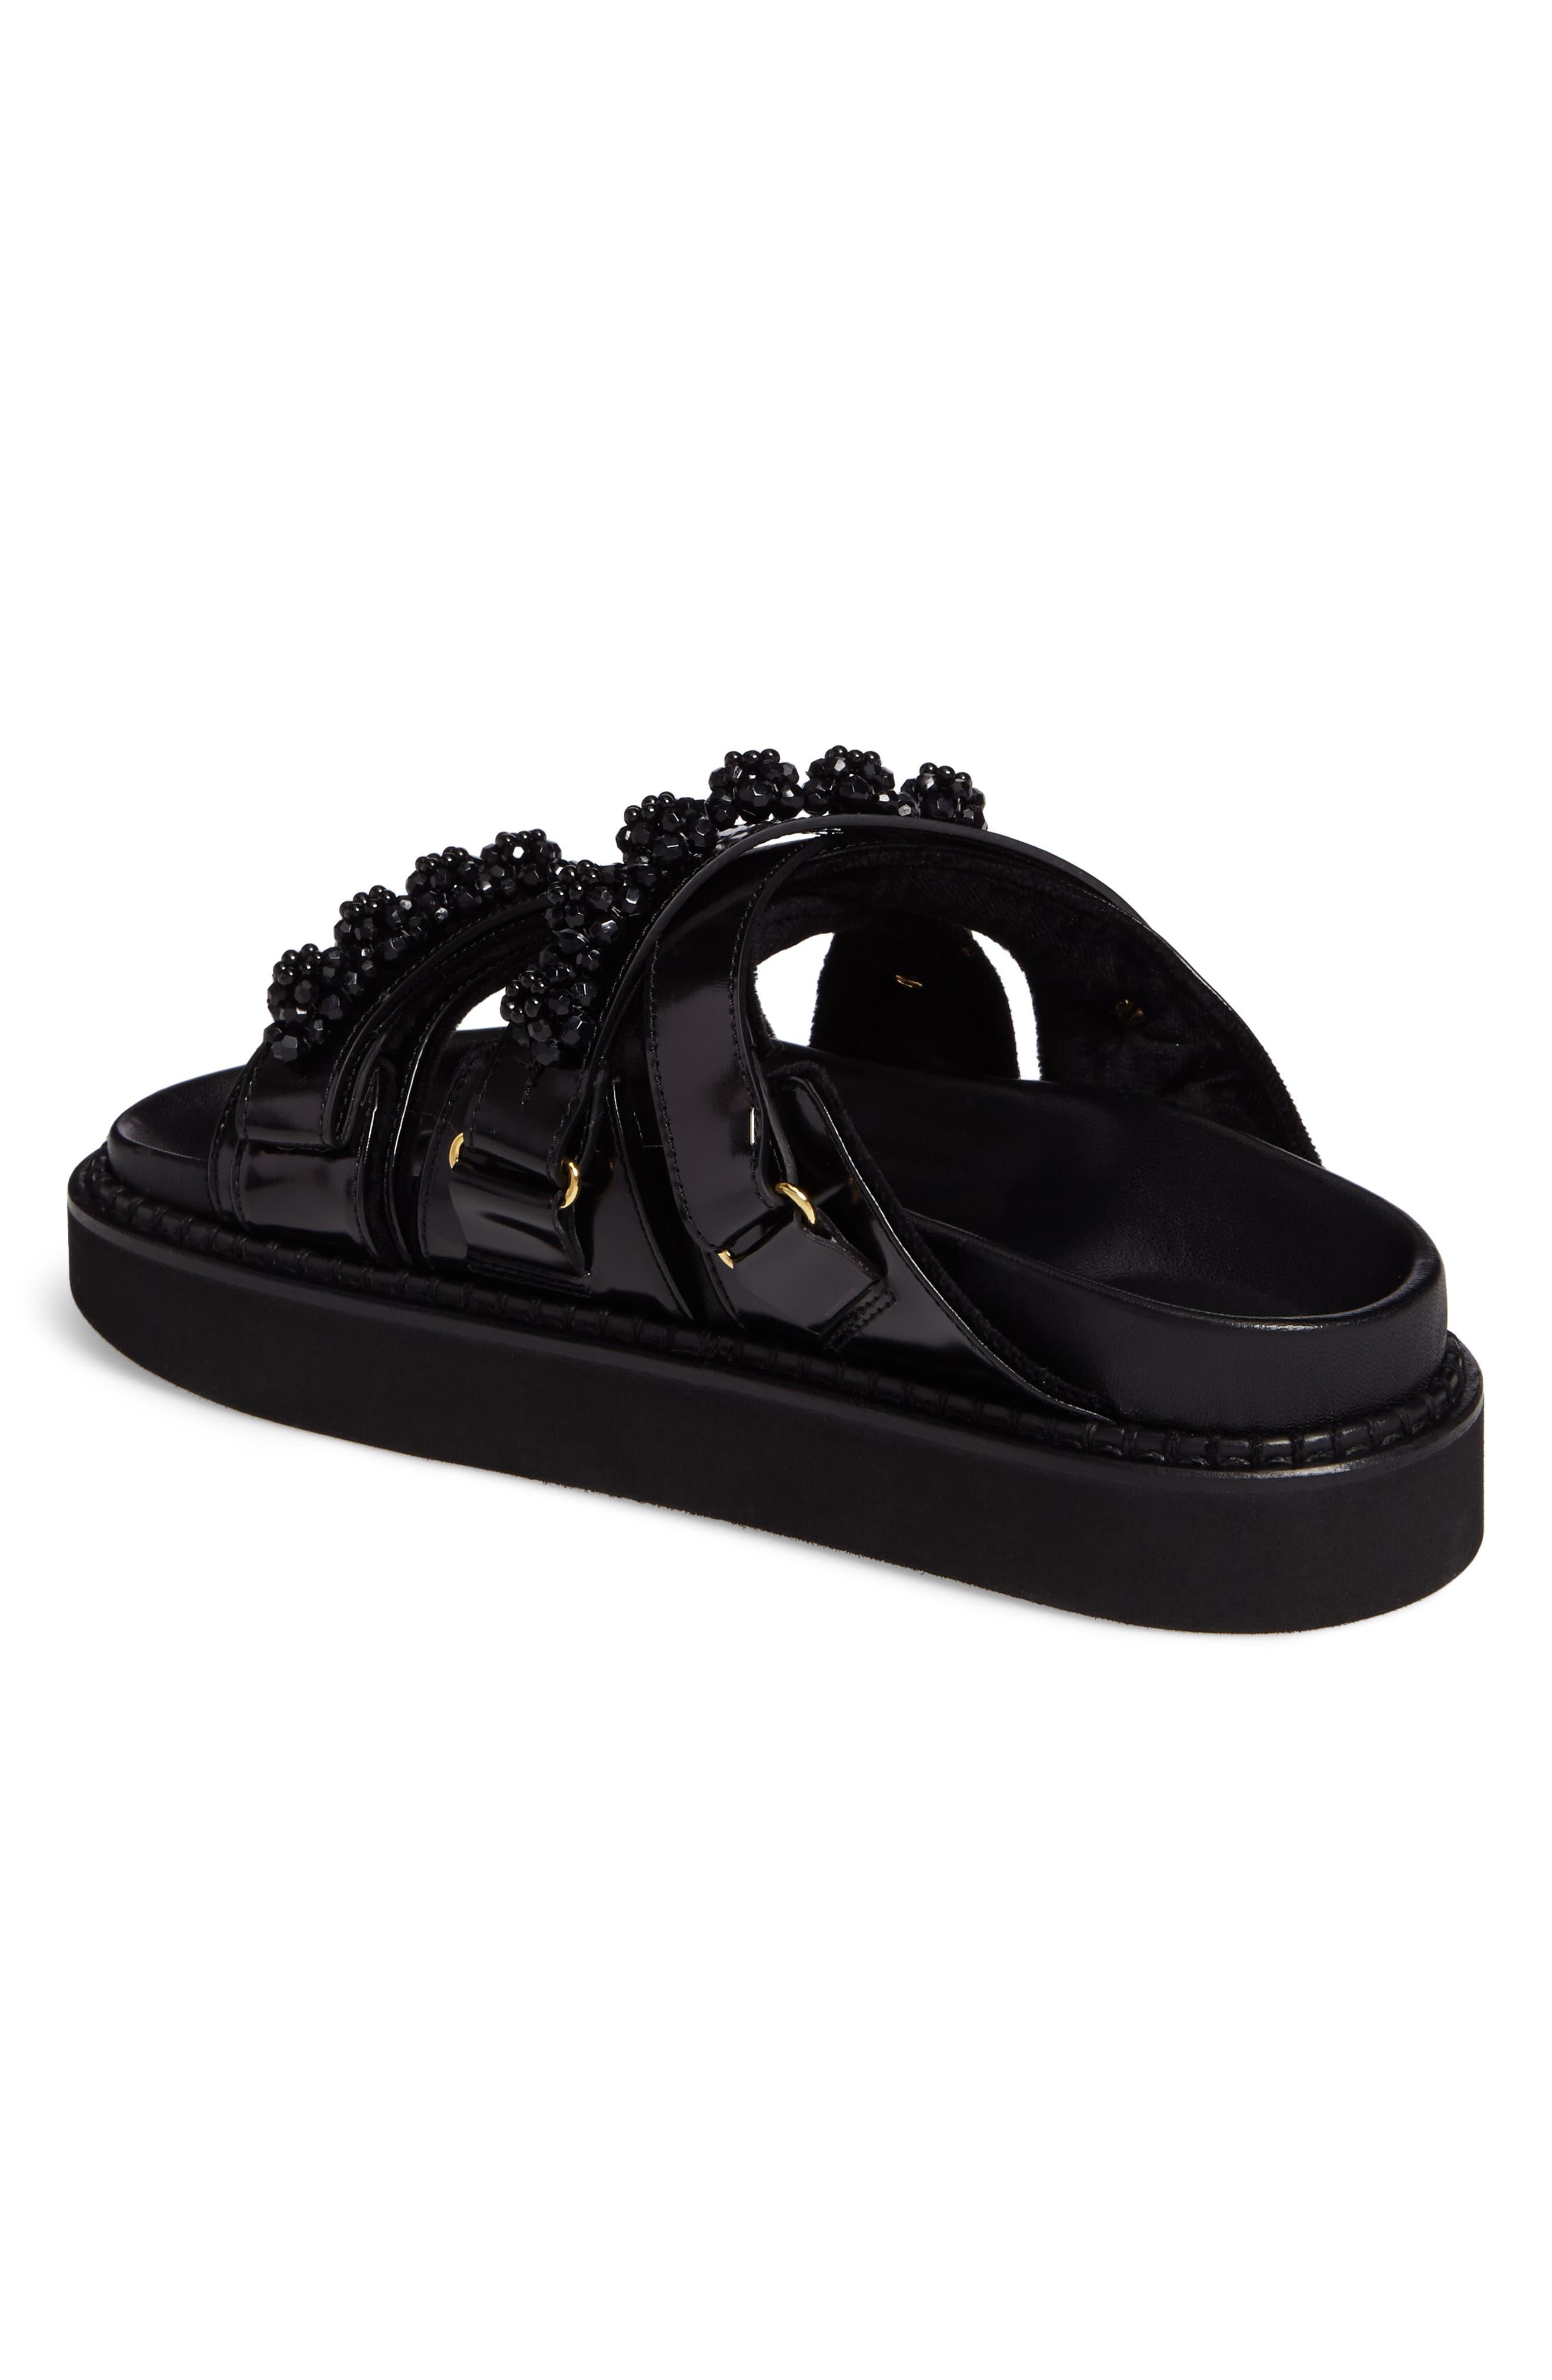 Beaded Leather Slide Sandal,                             Alternate thumbnail 2, color,                             Black